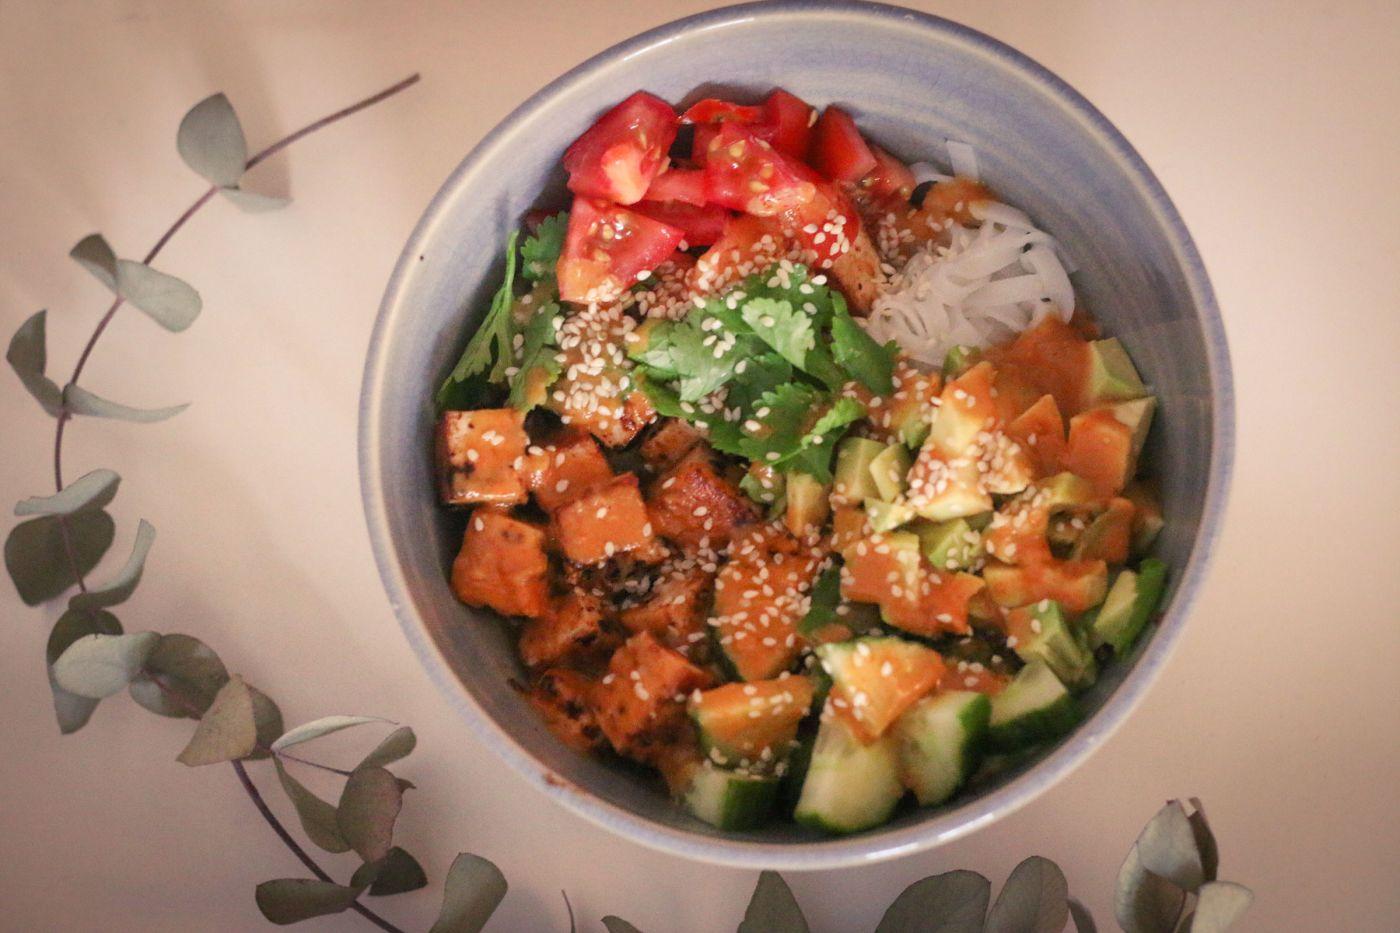 Reisnudelsalat mit Avocado und Tofu von @writteninredletters